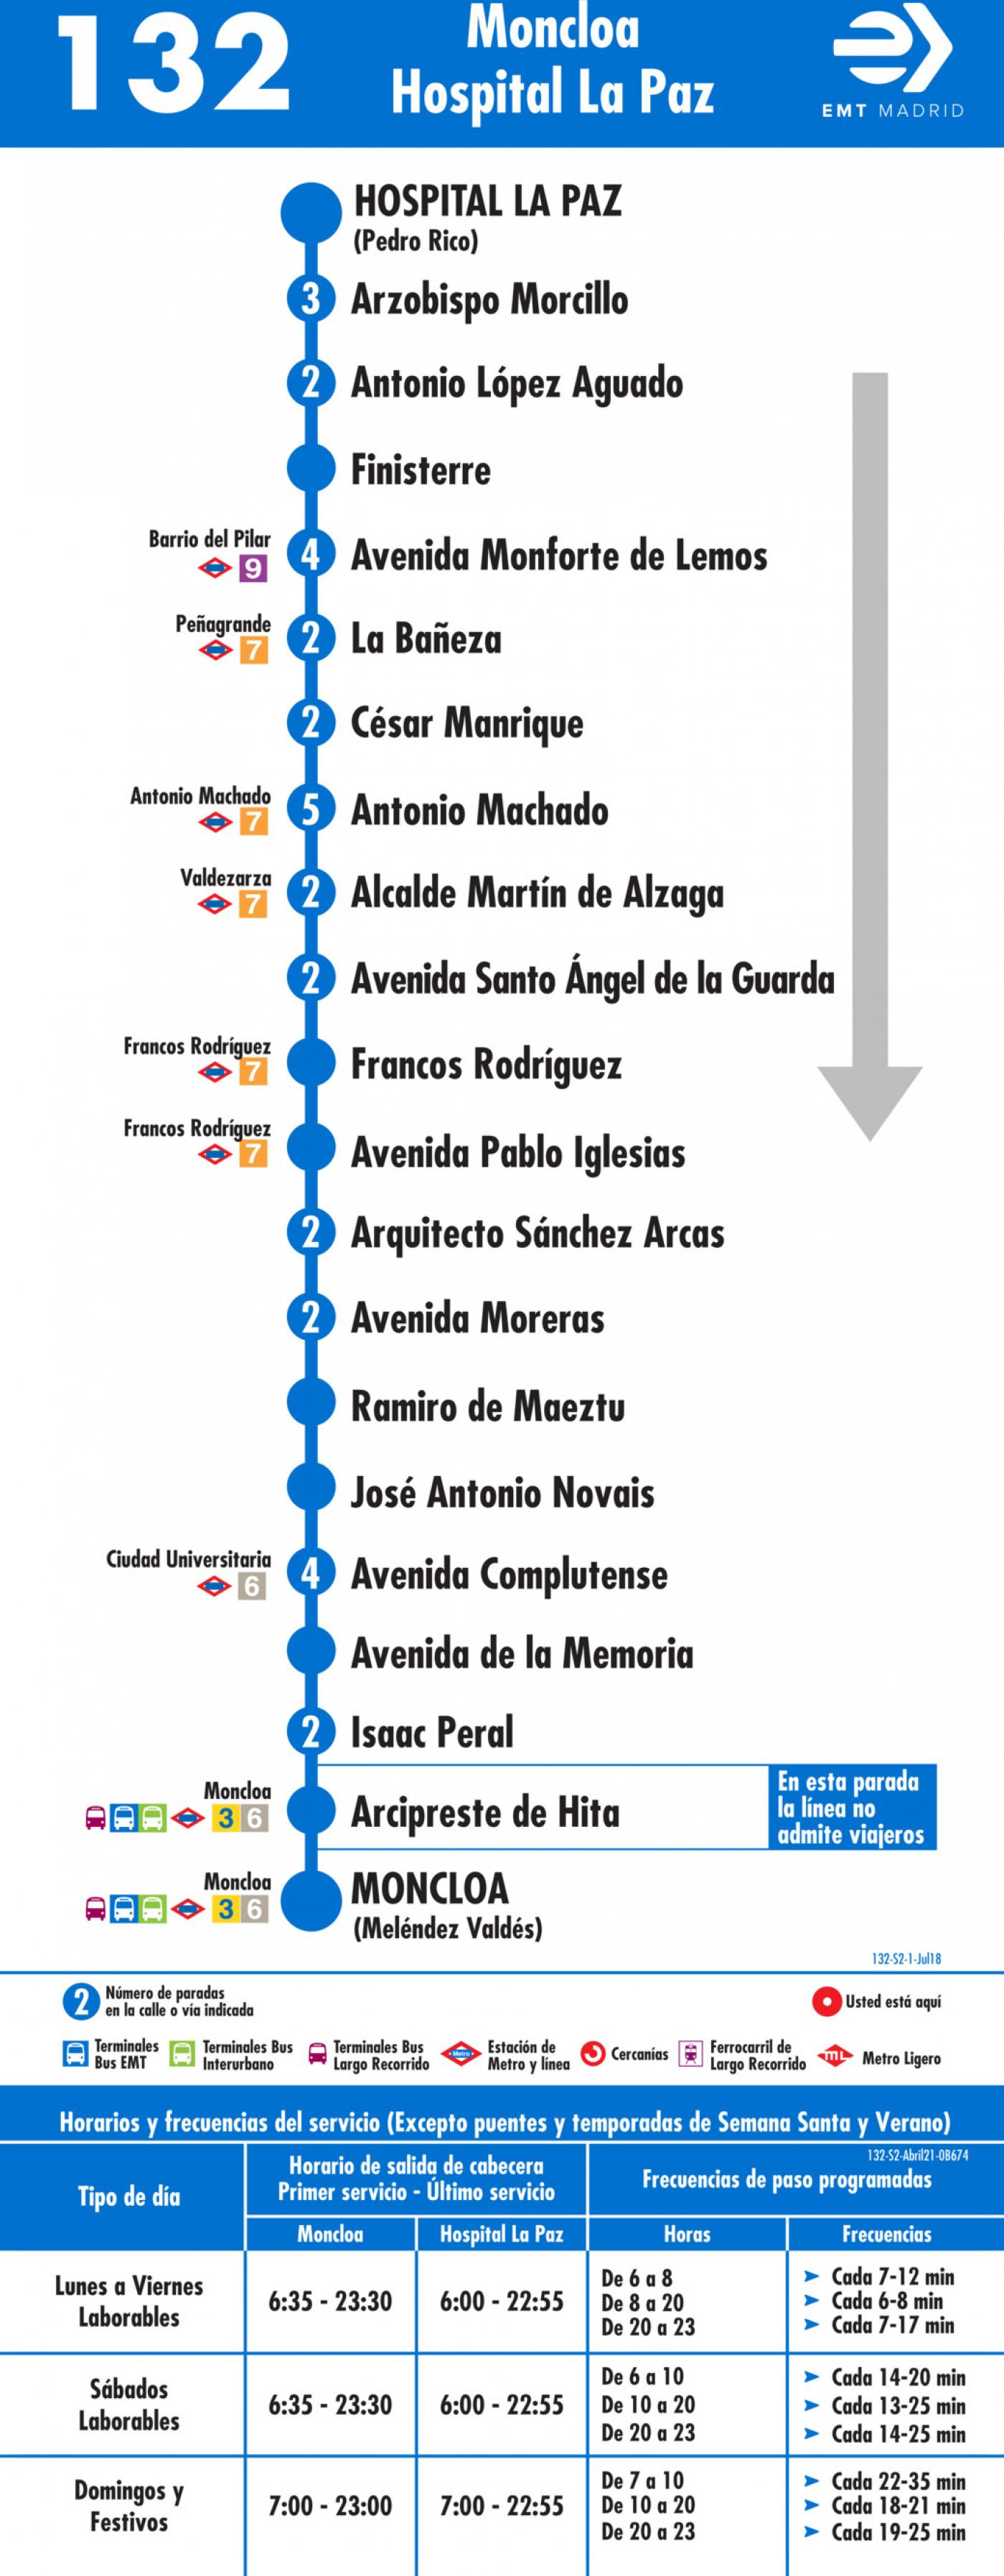 Tabla de horarios y frecuencias de paso en sentido vuelta Línea 132: Moncloa - Hospital la Paz